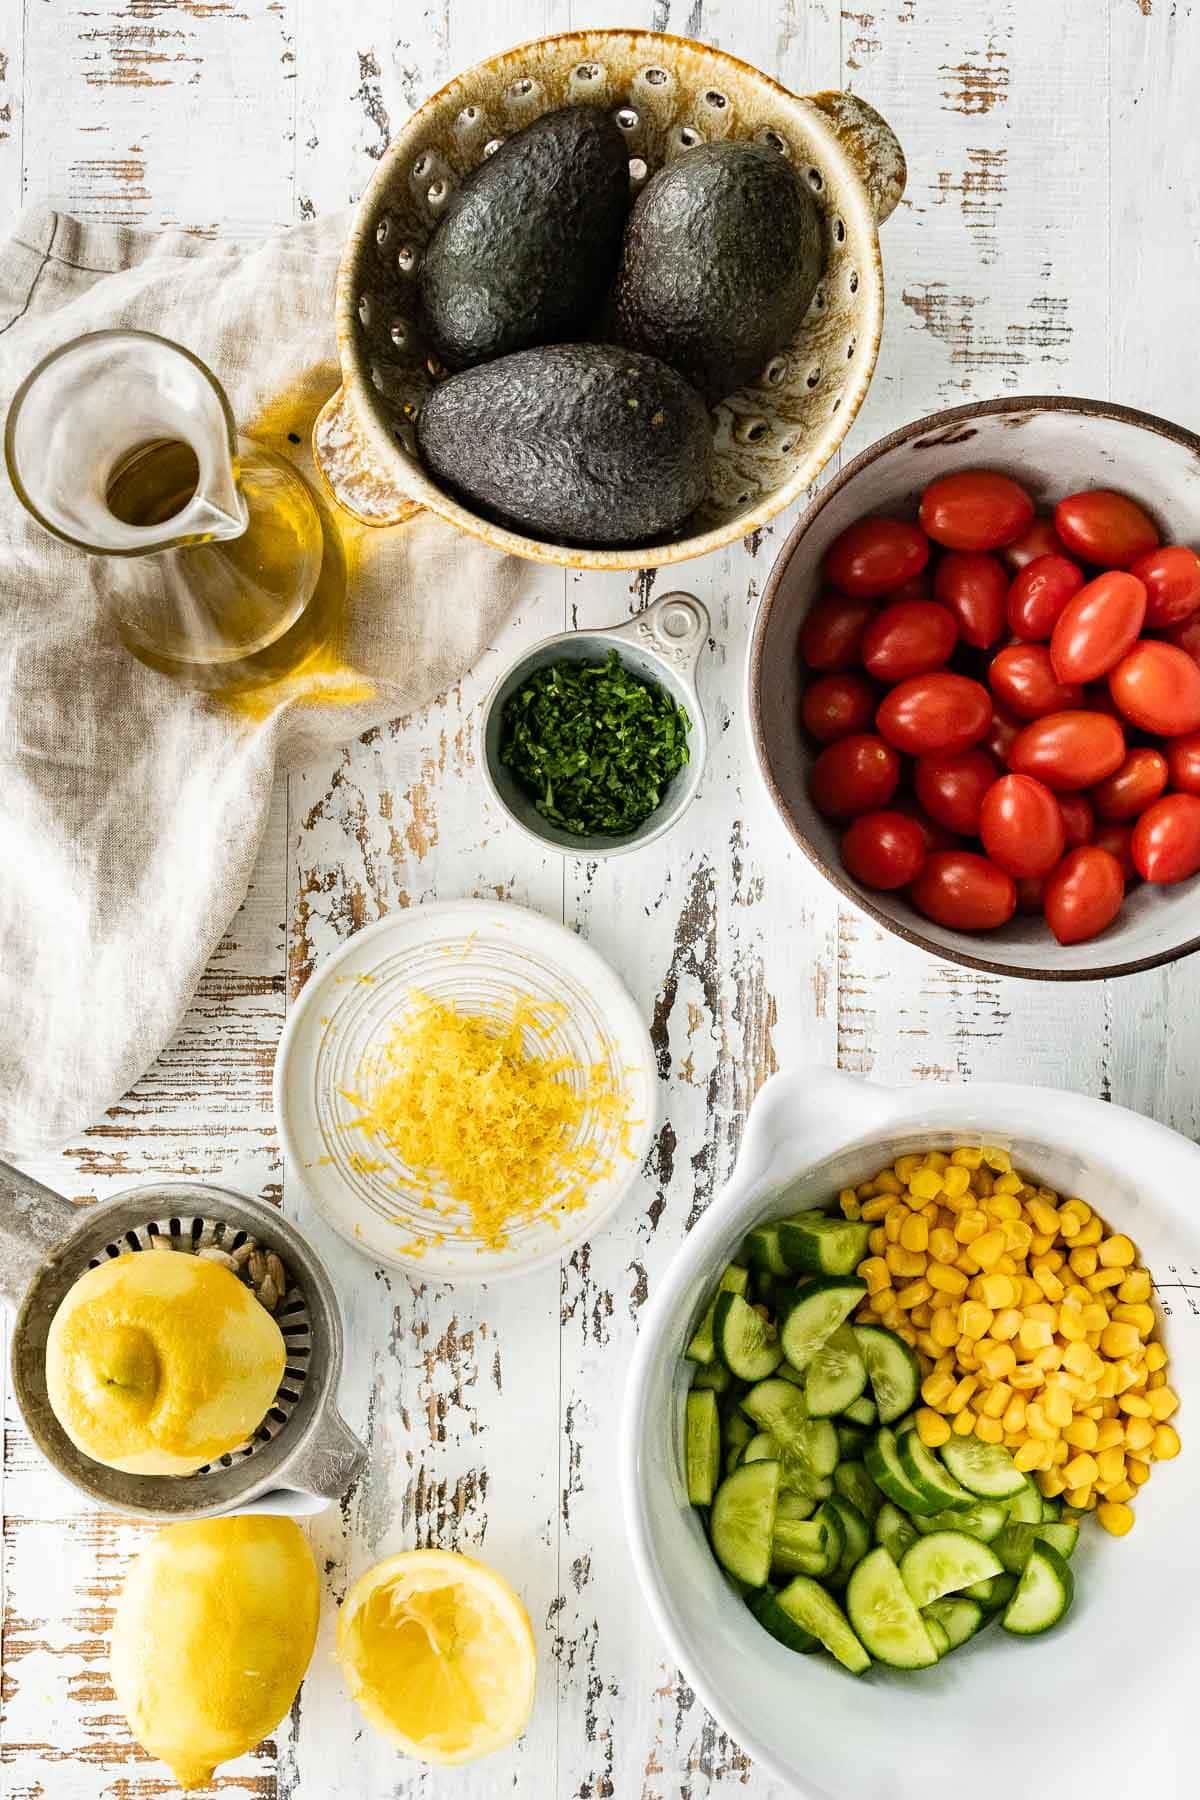 Ingredients for Avocado Tomato Corn Salad in prep bowls